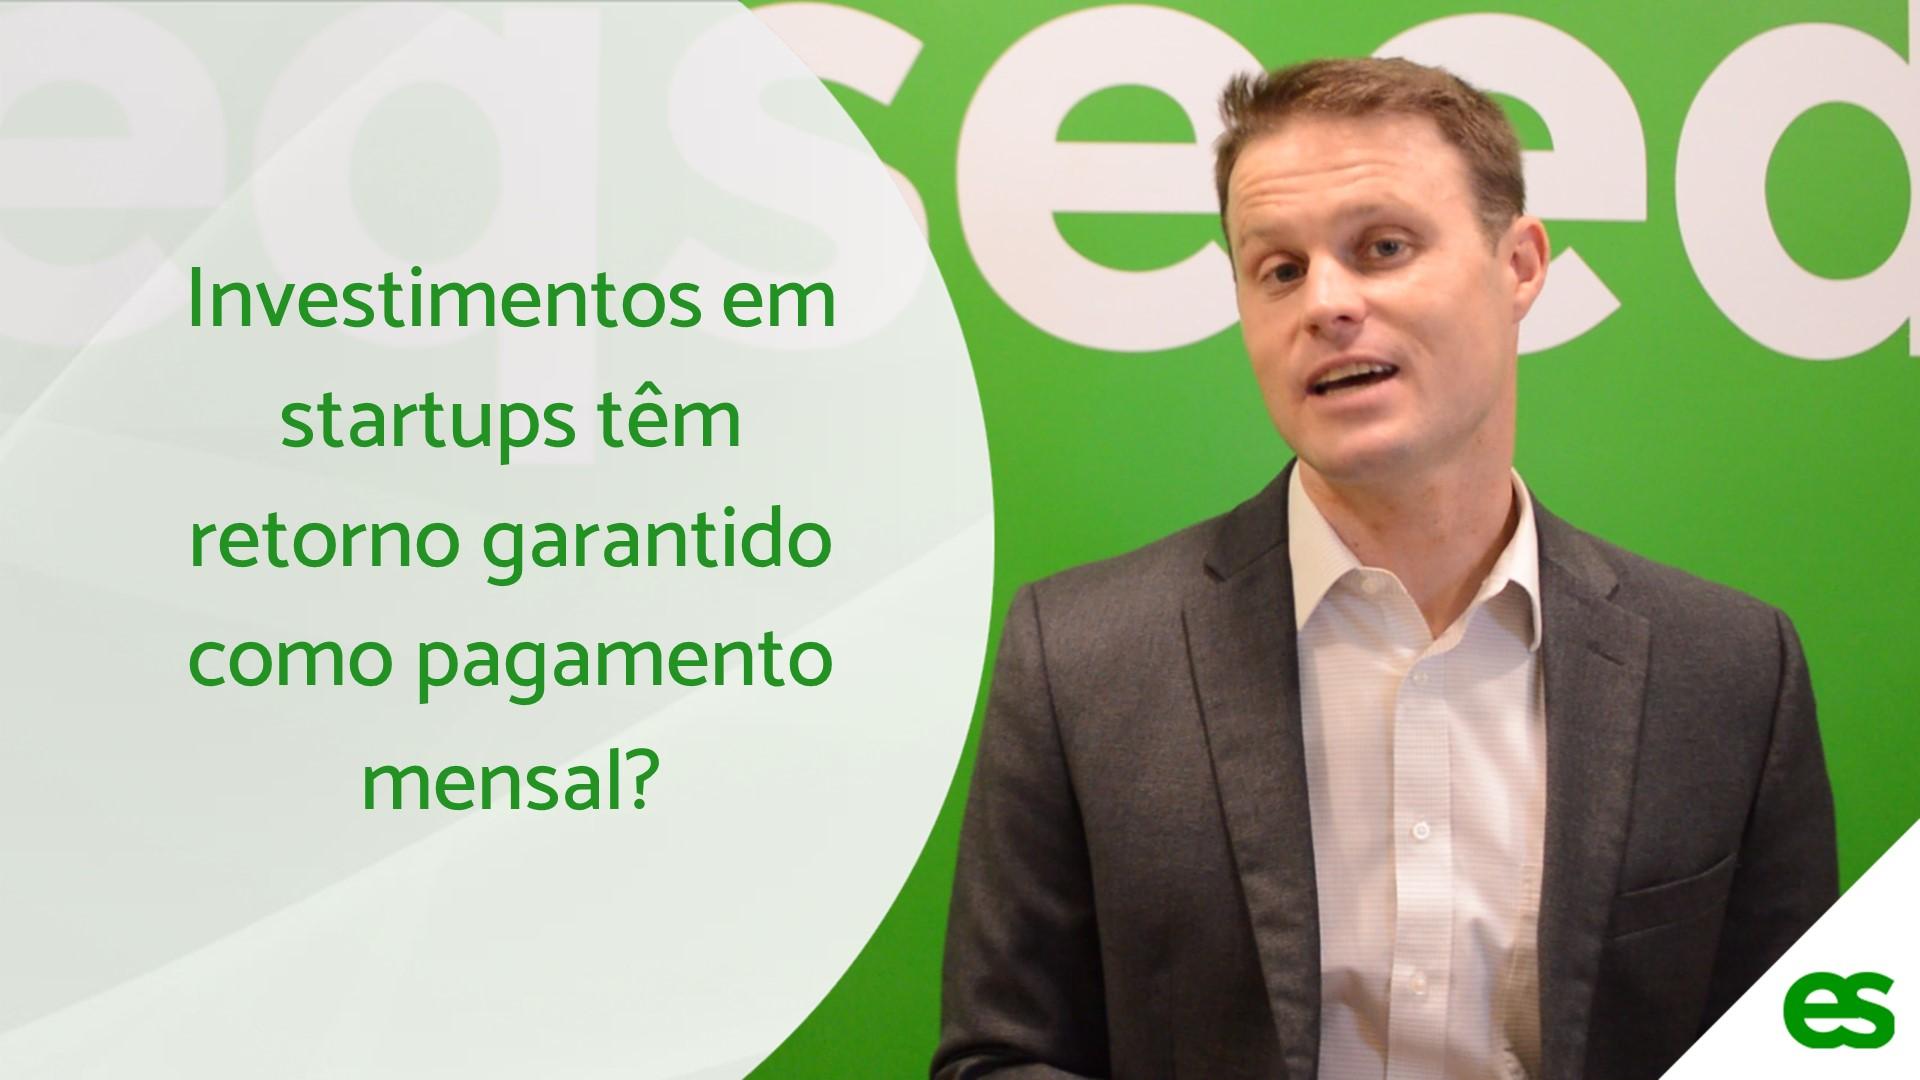 Investimento de startup tem retorno garantido como pagamento mensal - SITE